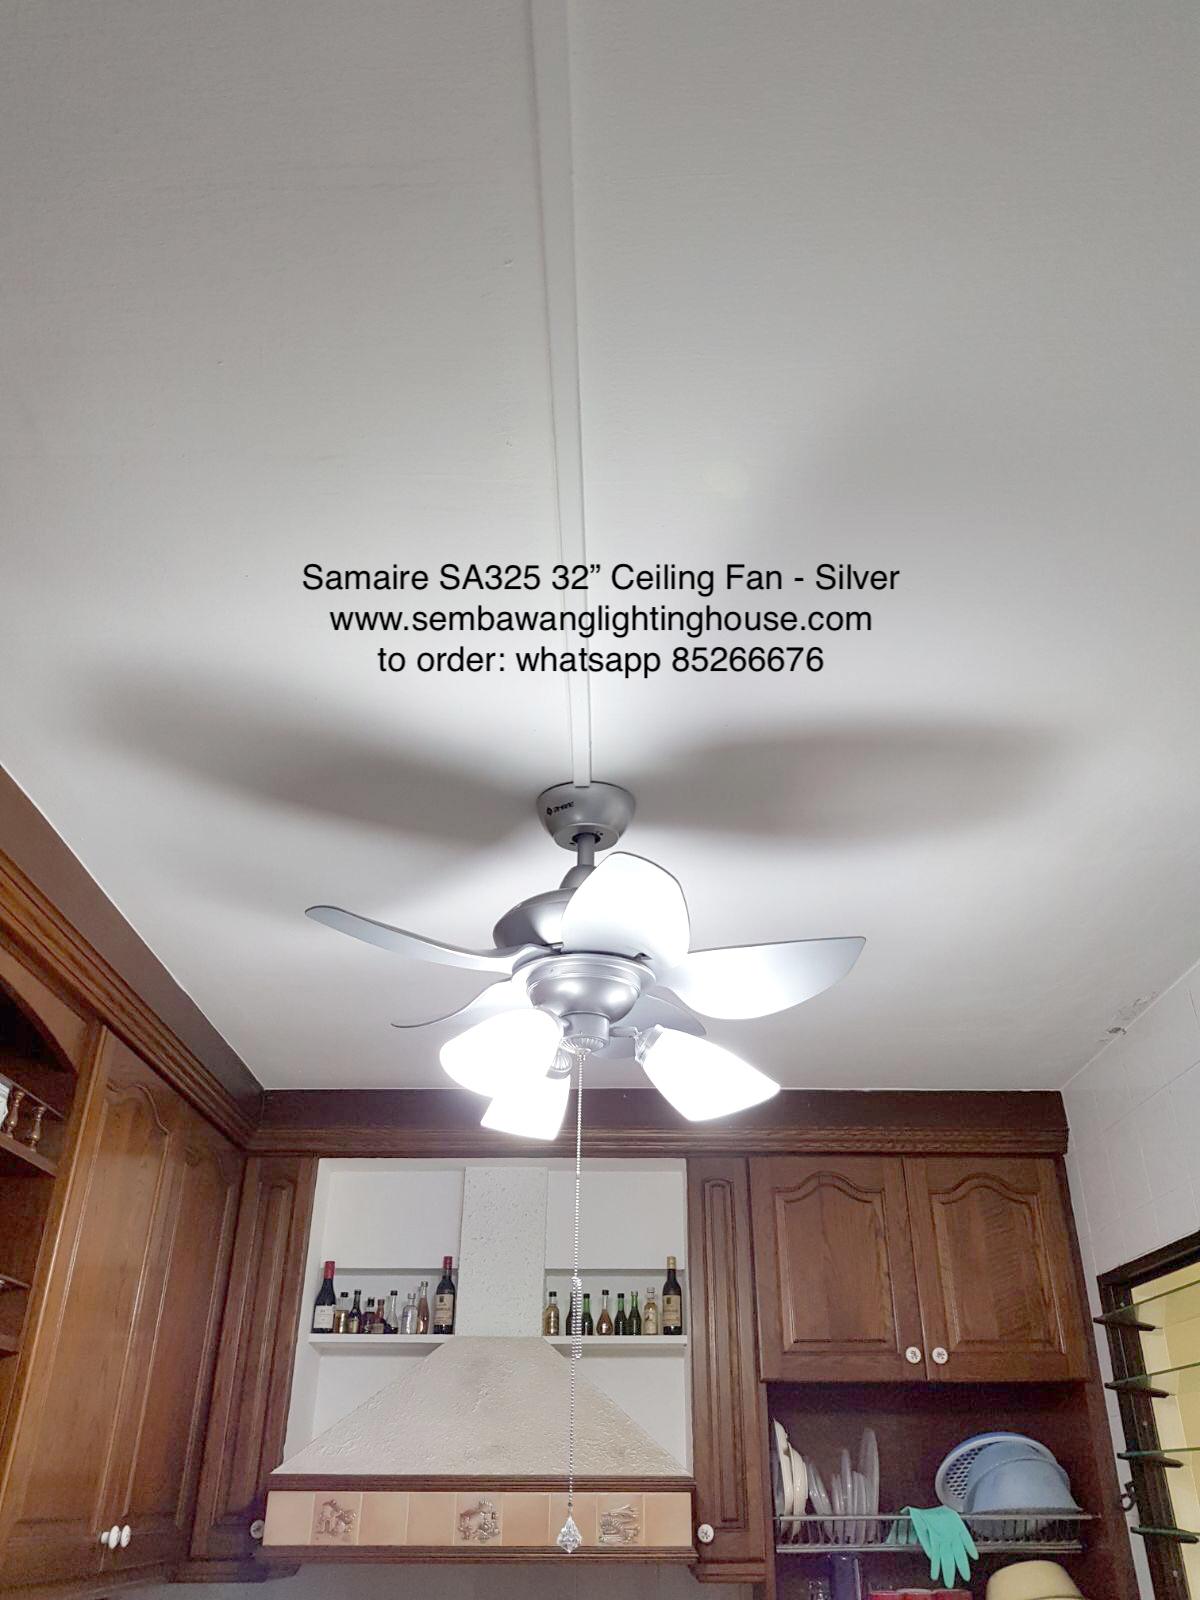 sample01-samaire-sa325-silver-ceiling-fan-sembawang-lighting-house.jpg